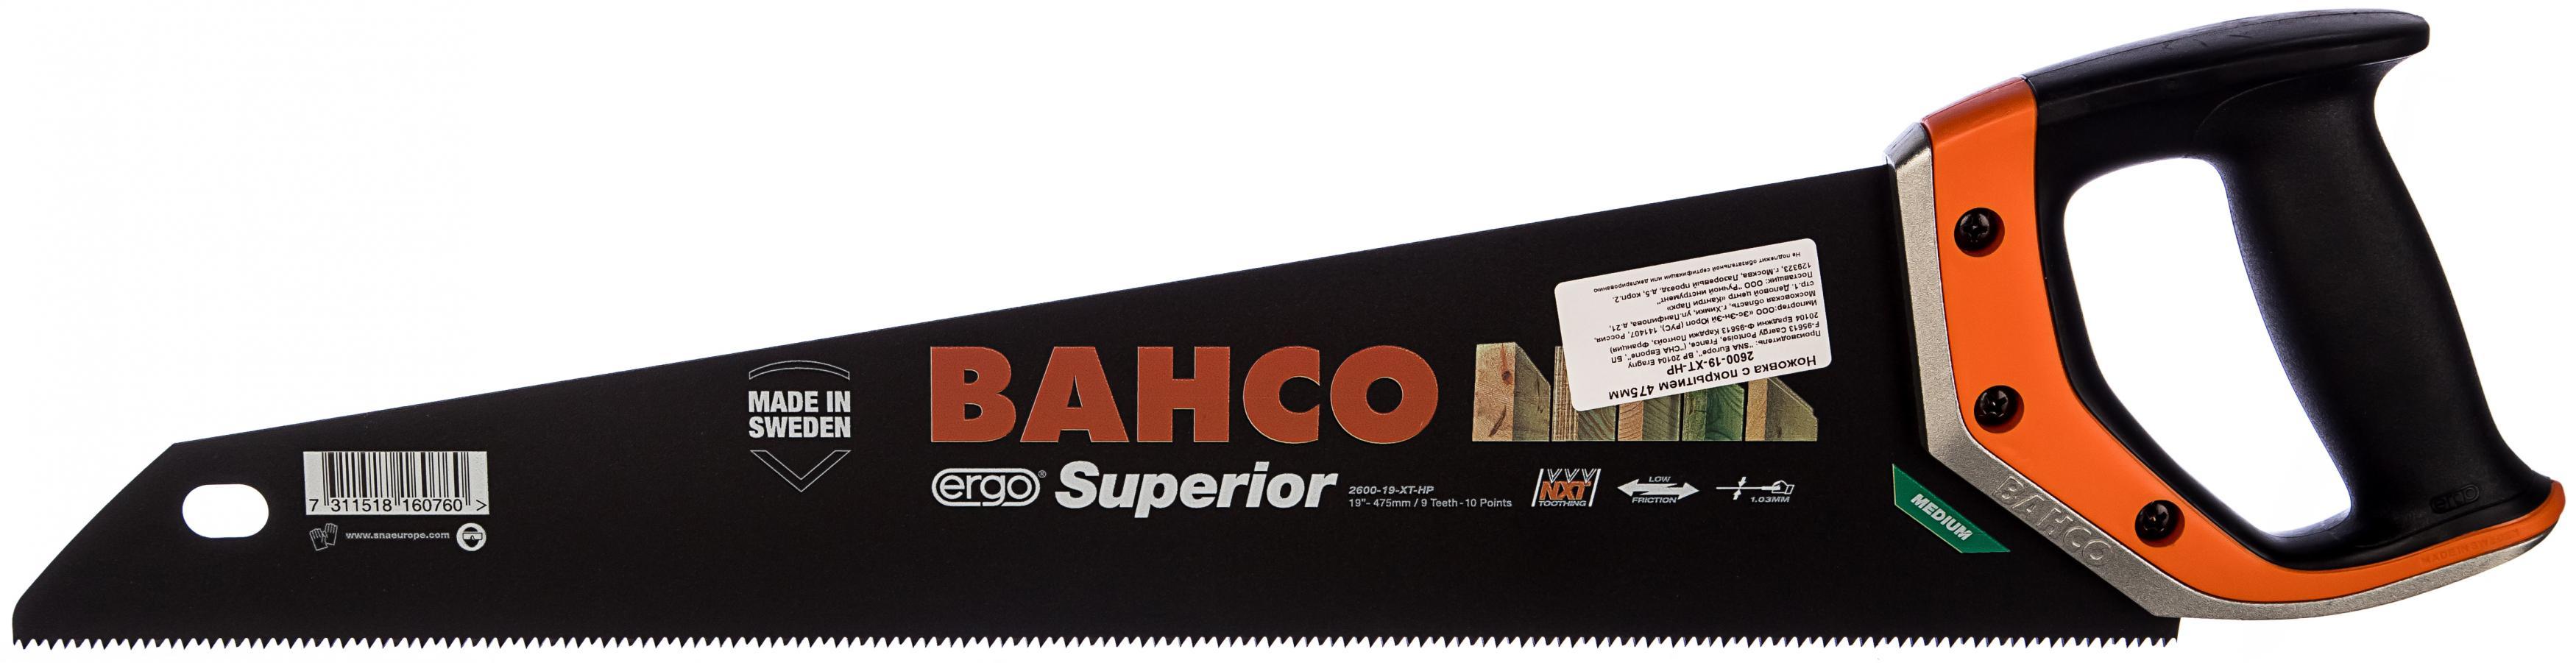 Ножовка по дереву Bahco 2600-19-xt-hp ножовка bahco 2500 22 xt hp